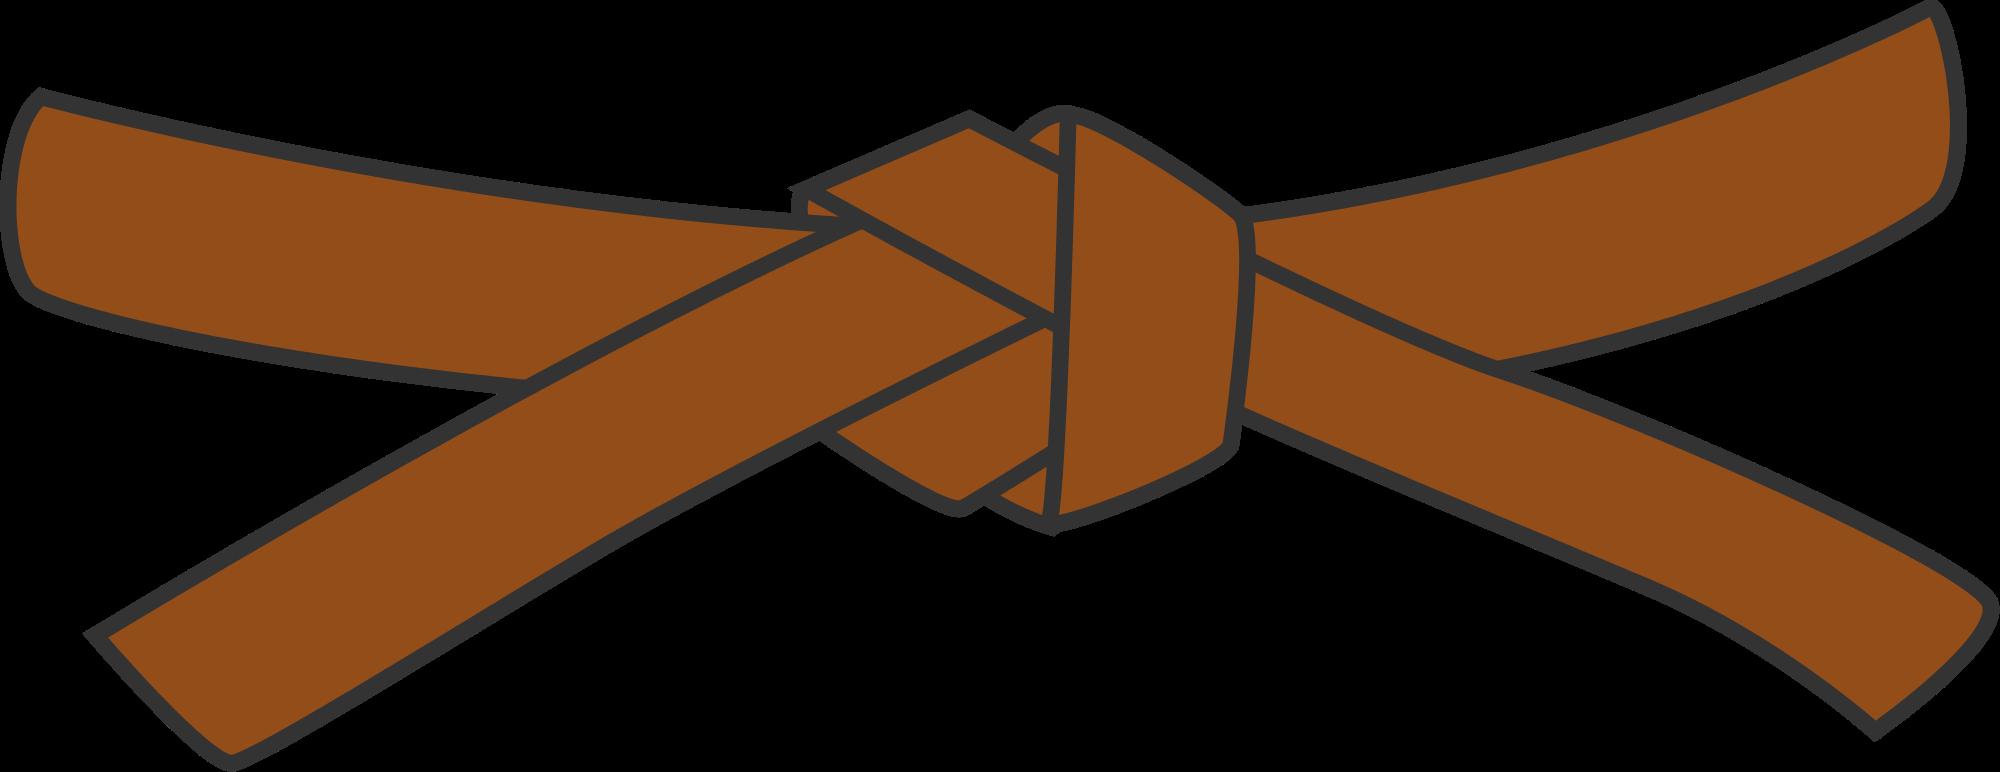 rd kyu class. Belt clipart brown belt